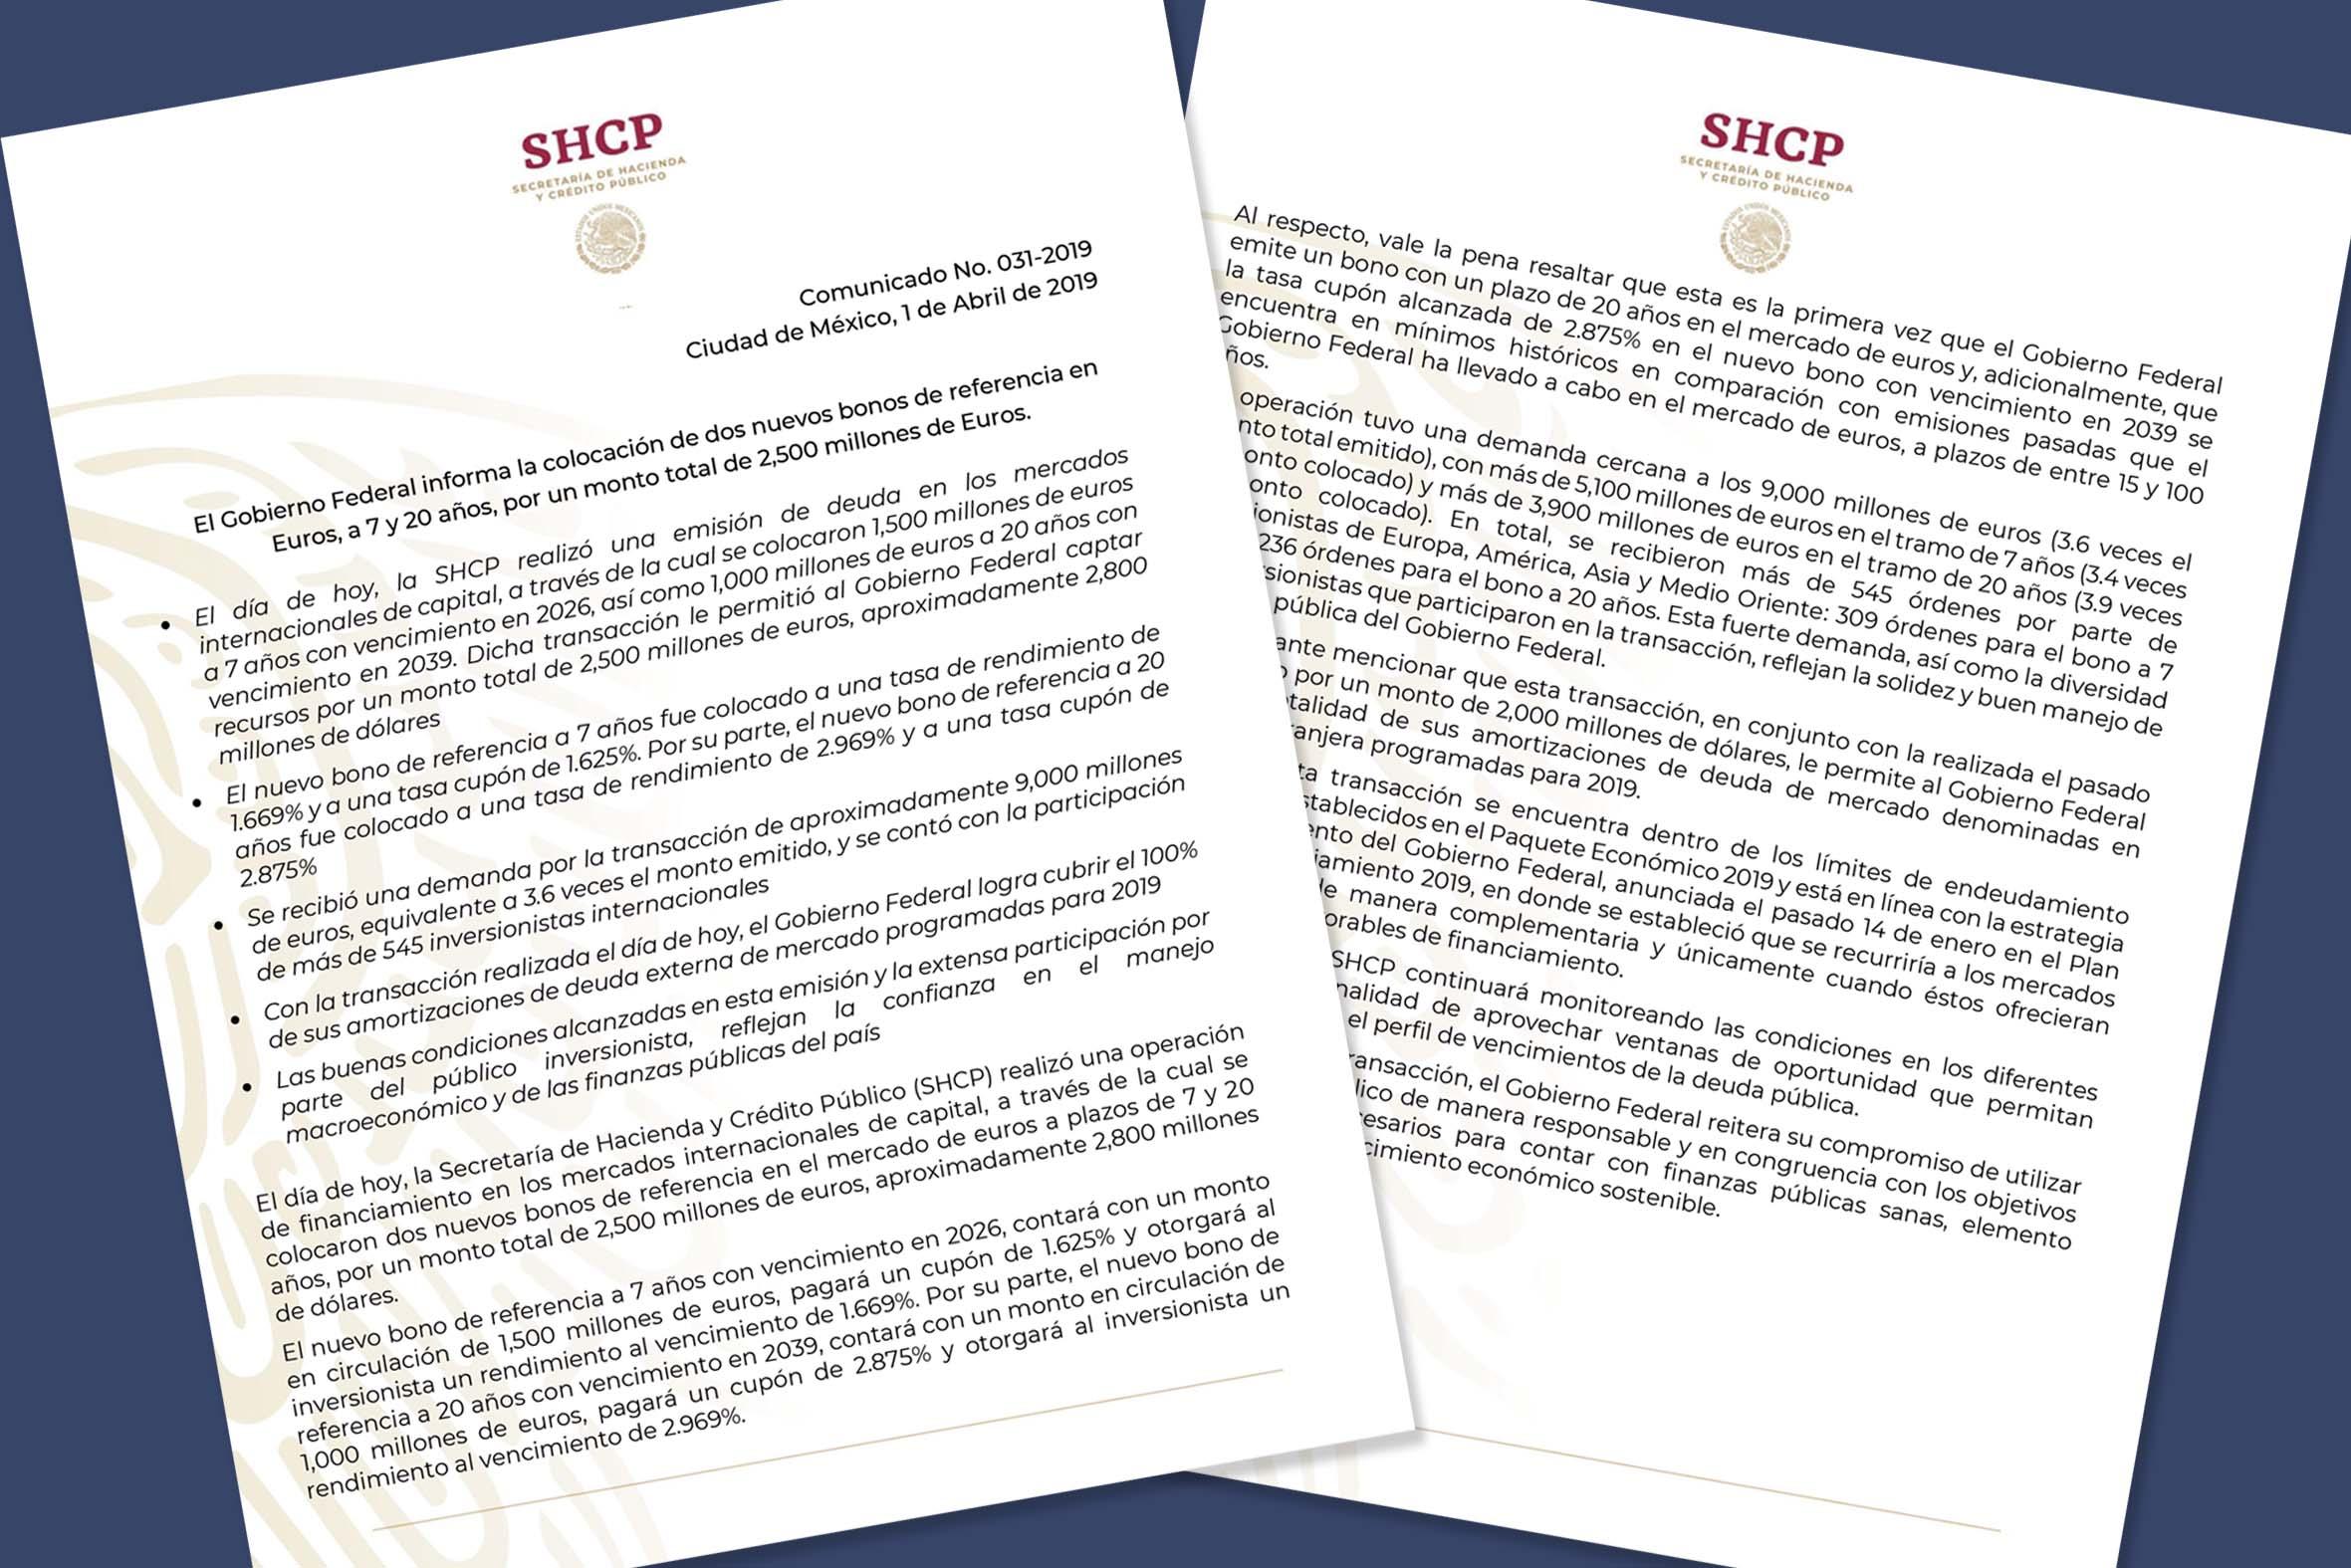 Photo of El Gobierno Federal informa la colocación de dos nuevos bonos de referencia en Euros, a 7 y 20 años, por un monto total de 2,500 millones de Euros